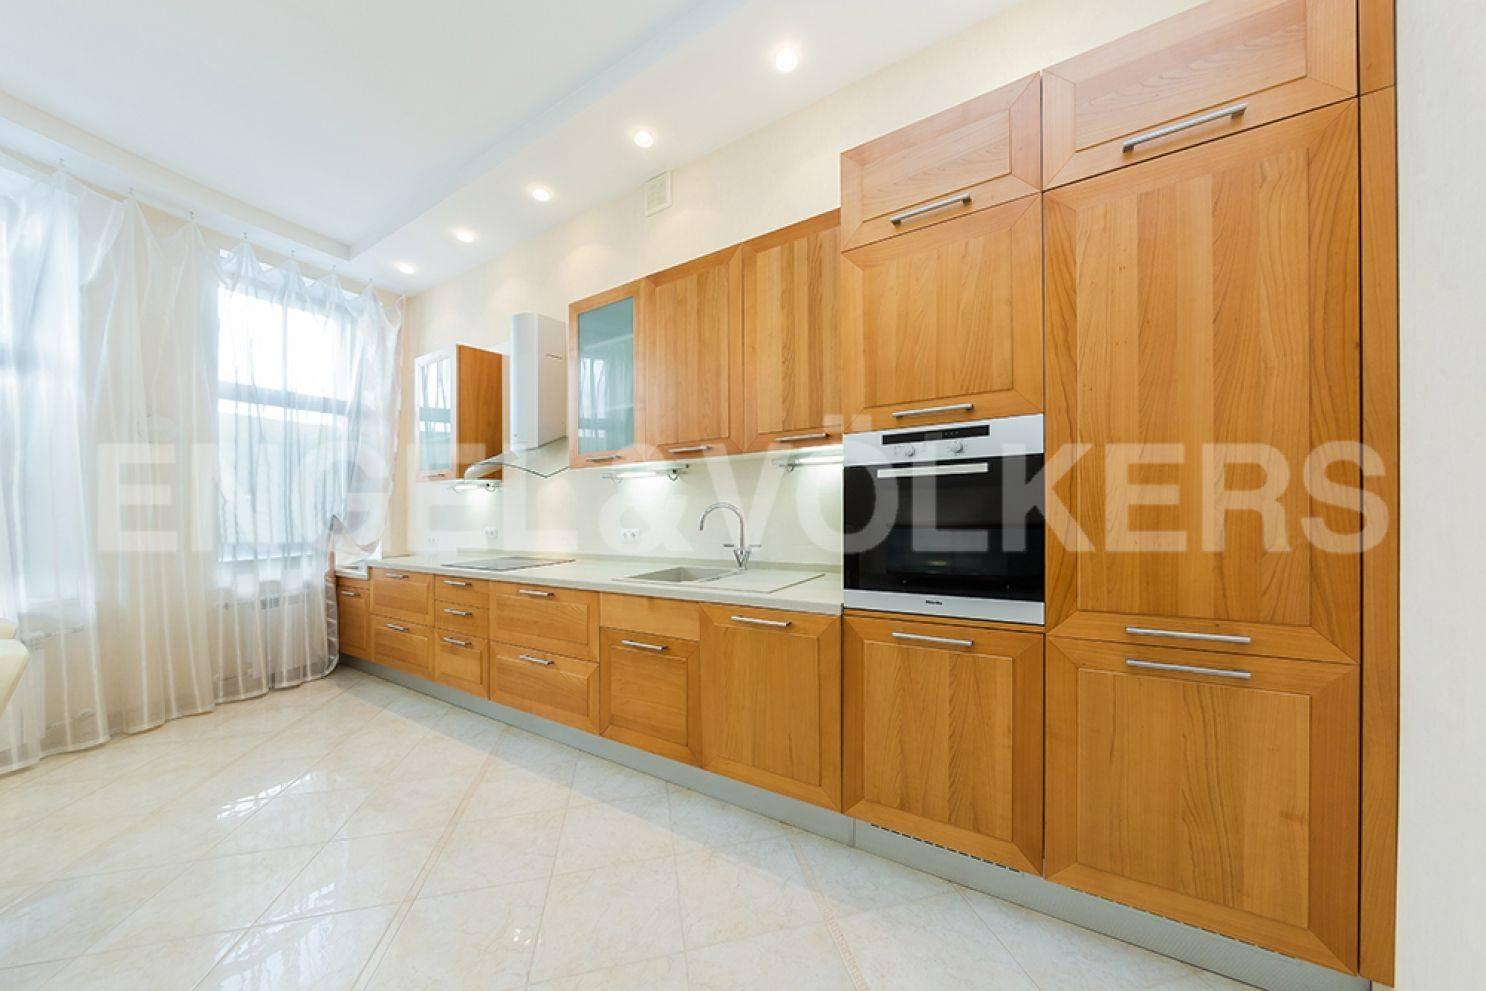 Элитные квартиры в Центральный р-н. Санкт-Петербург, ул. Восстания 8А . Встроенная кухня в столовой